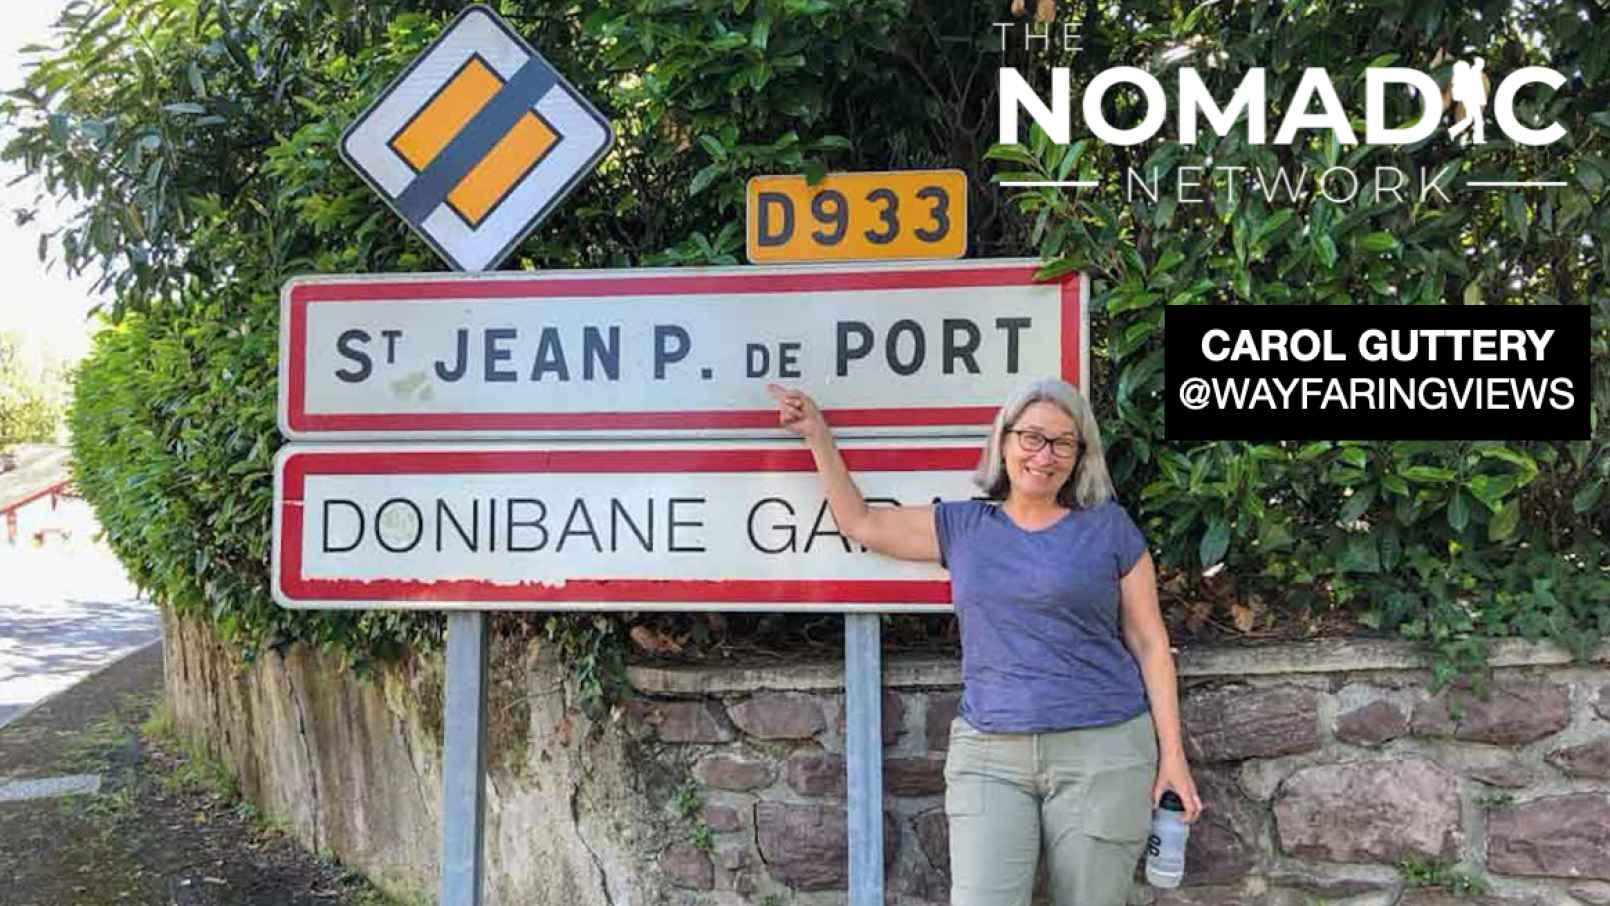 Carol posing on the Camino